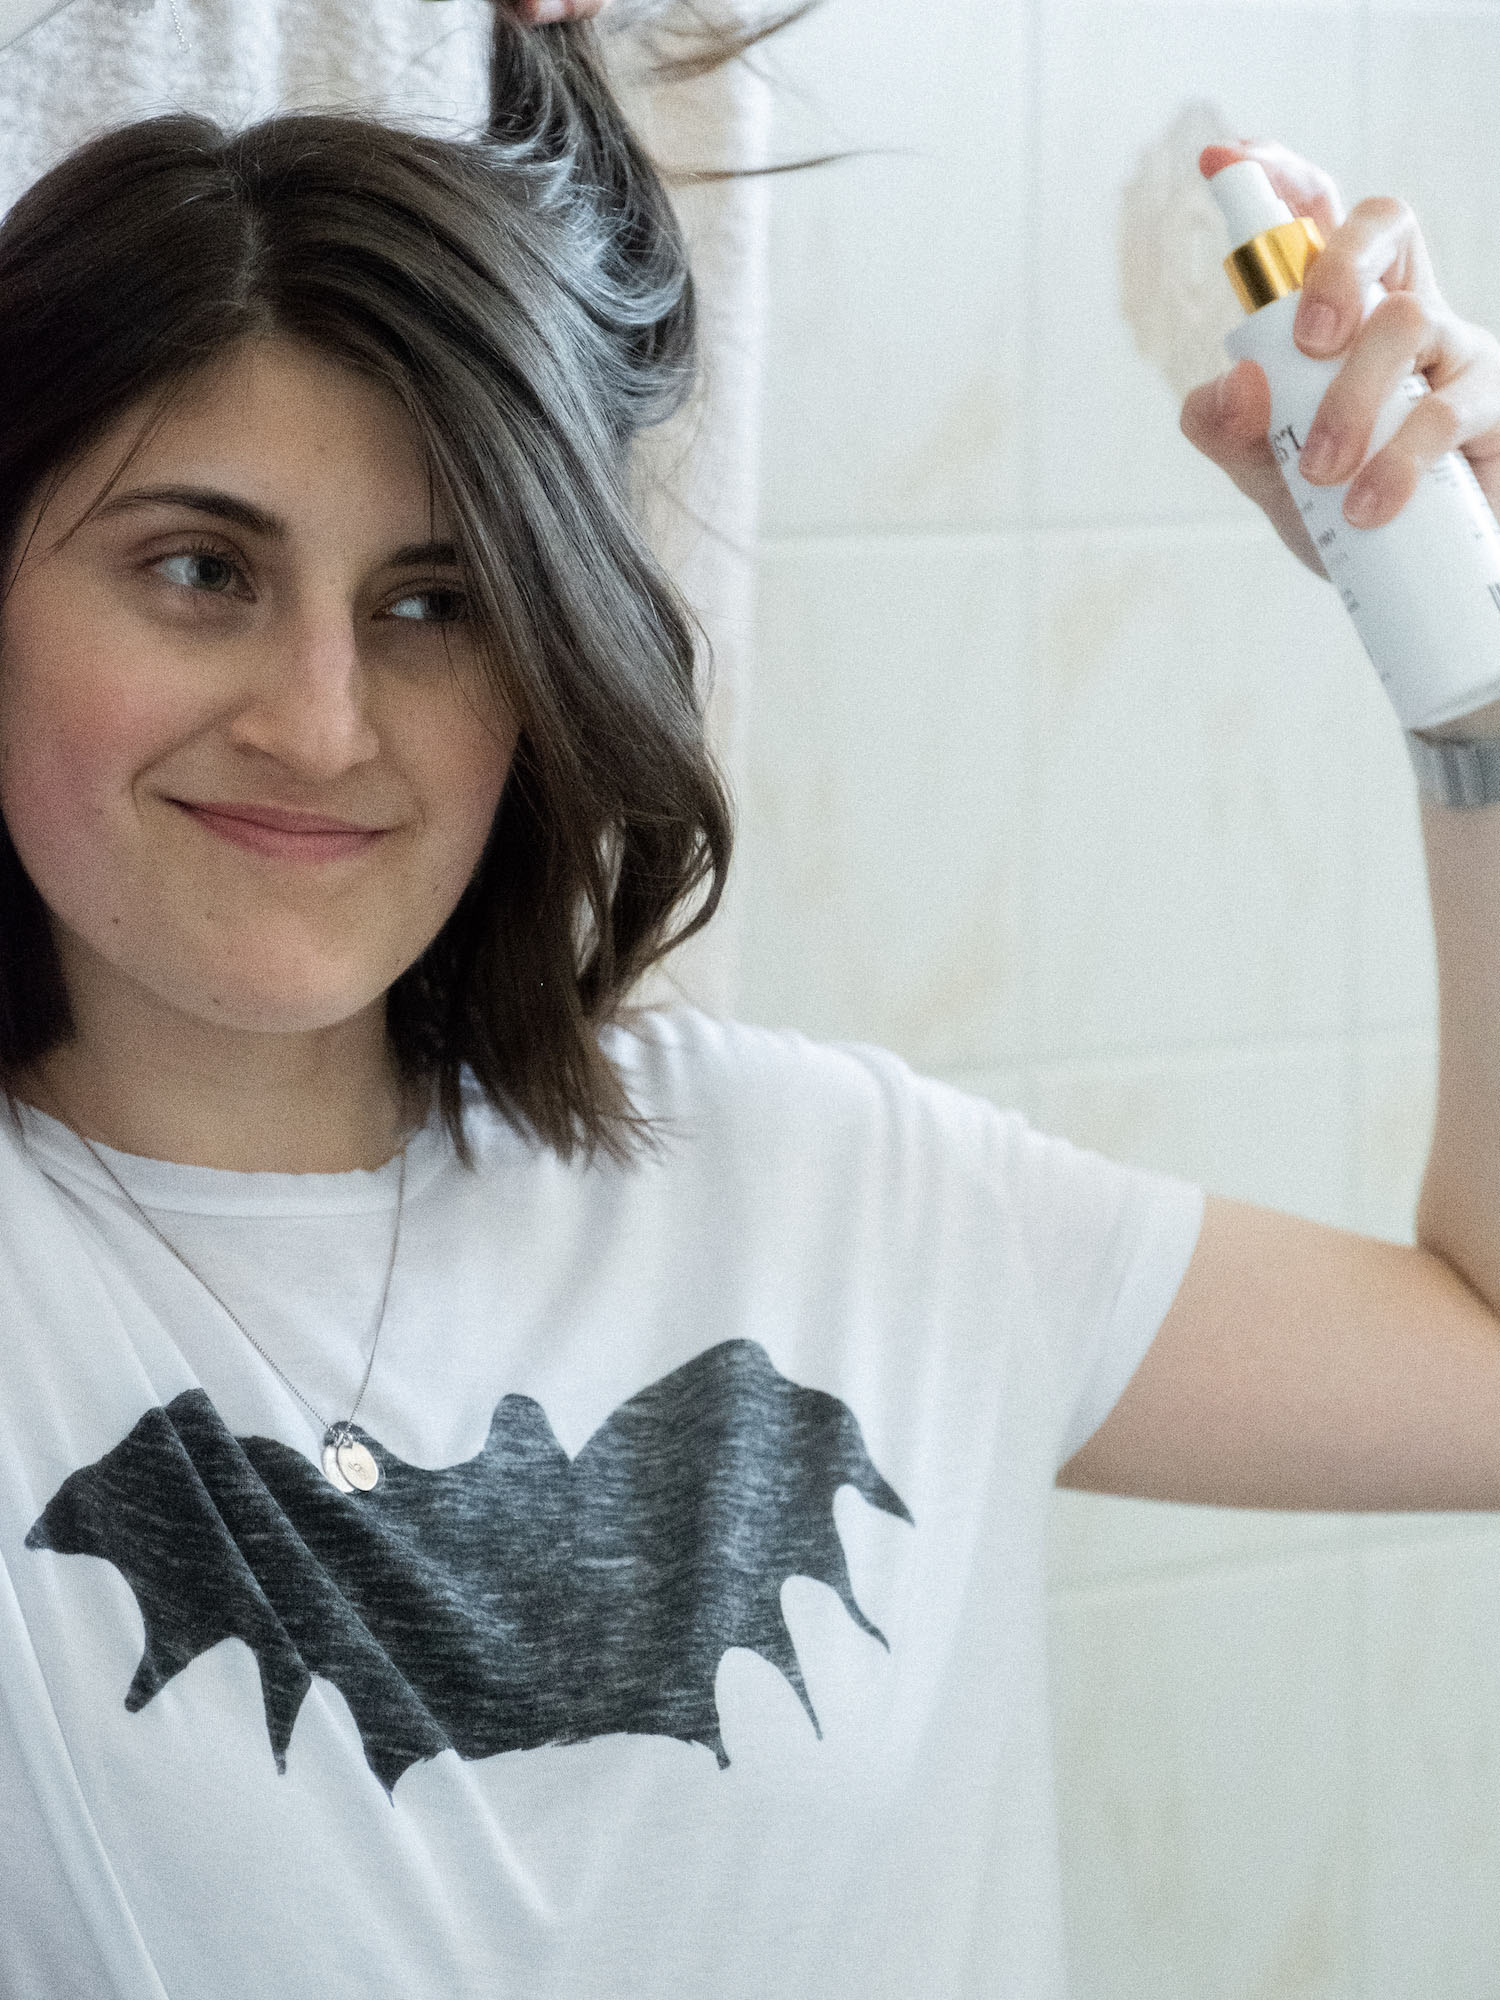 Beautyblog Sarah Khurshid Rahua Seasalt Spray